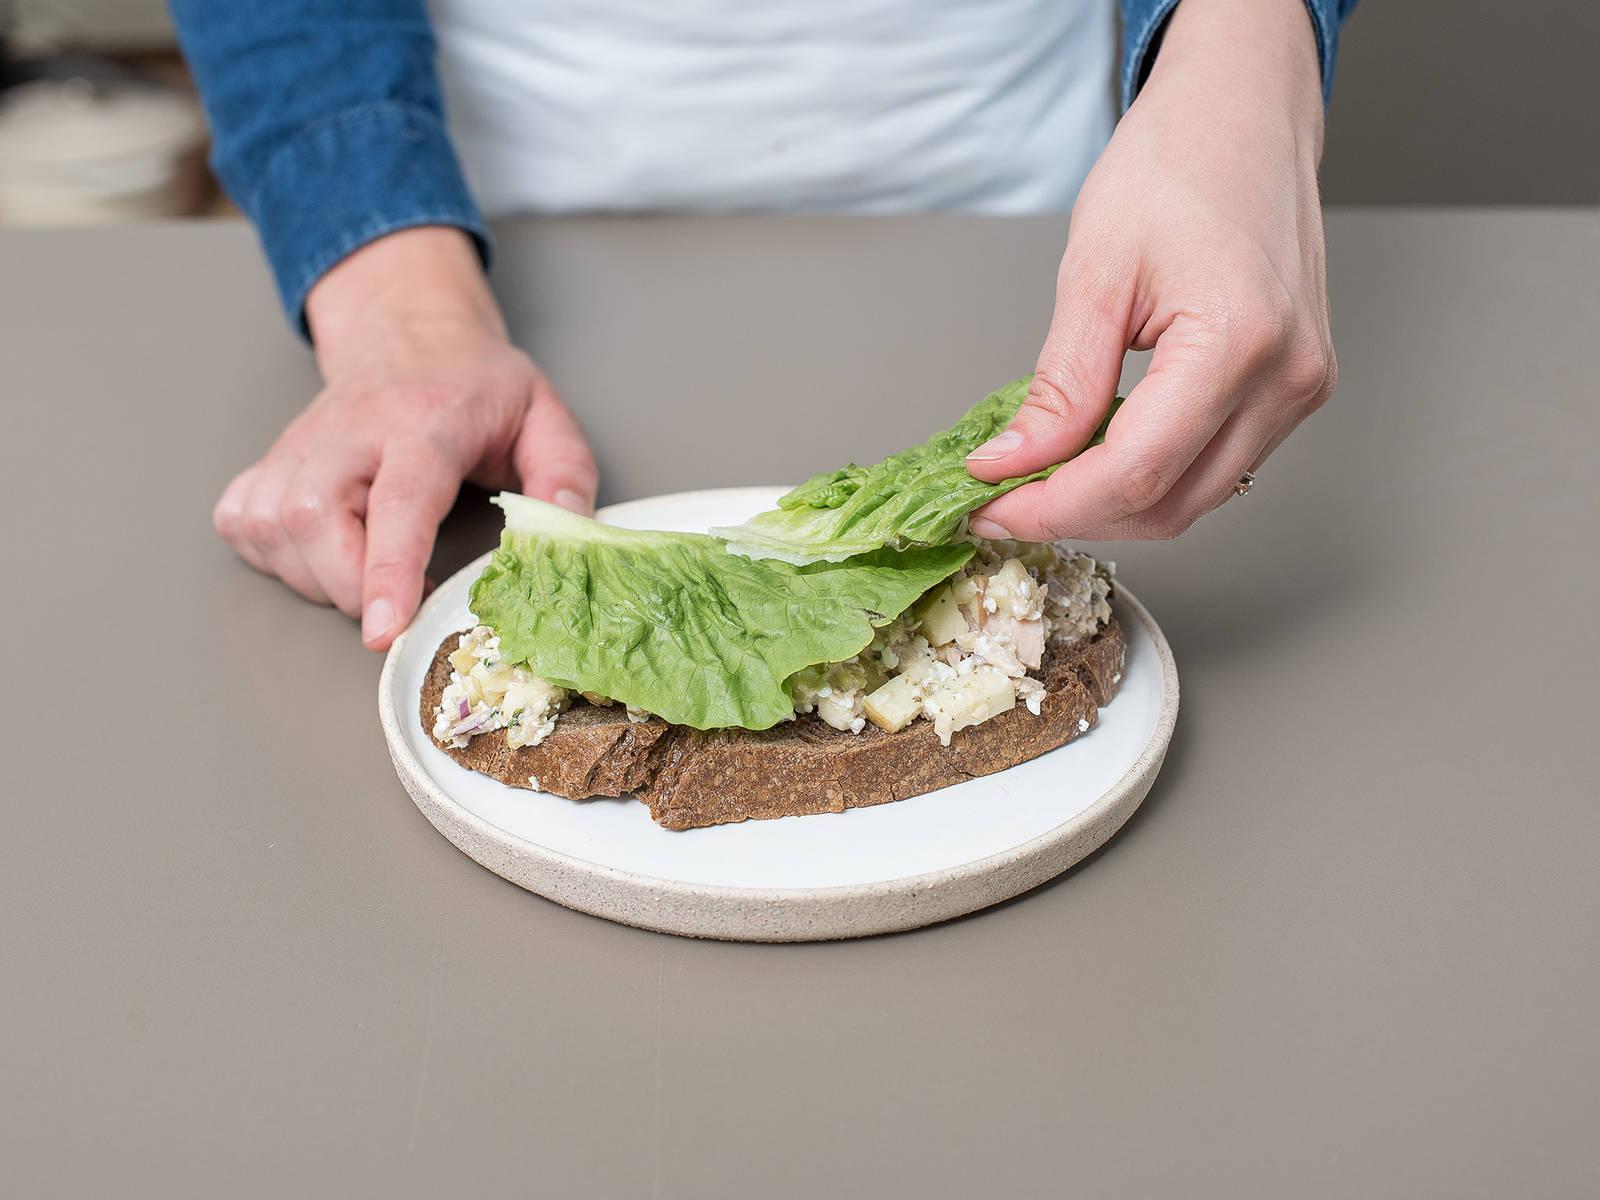 Thunfischmischung und Salatblätter auf geröstete Brotscheiben aufteilen. Guten Appetit!